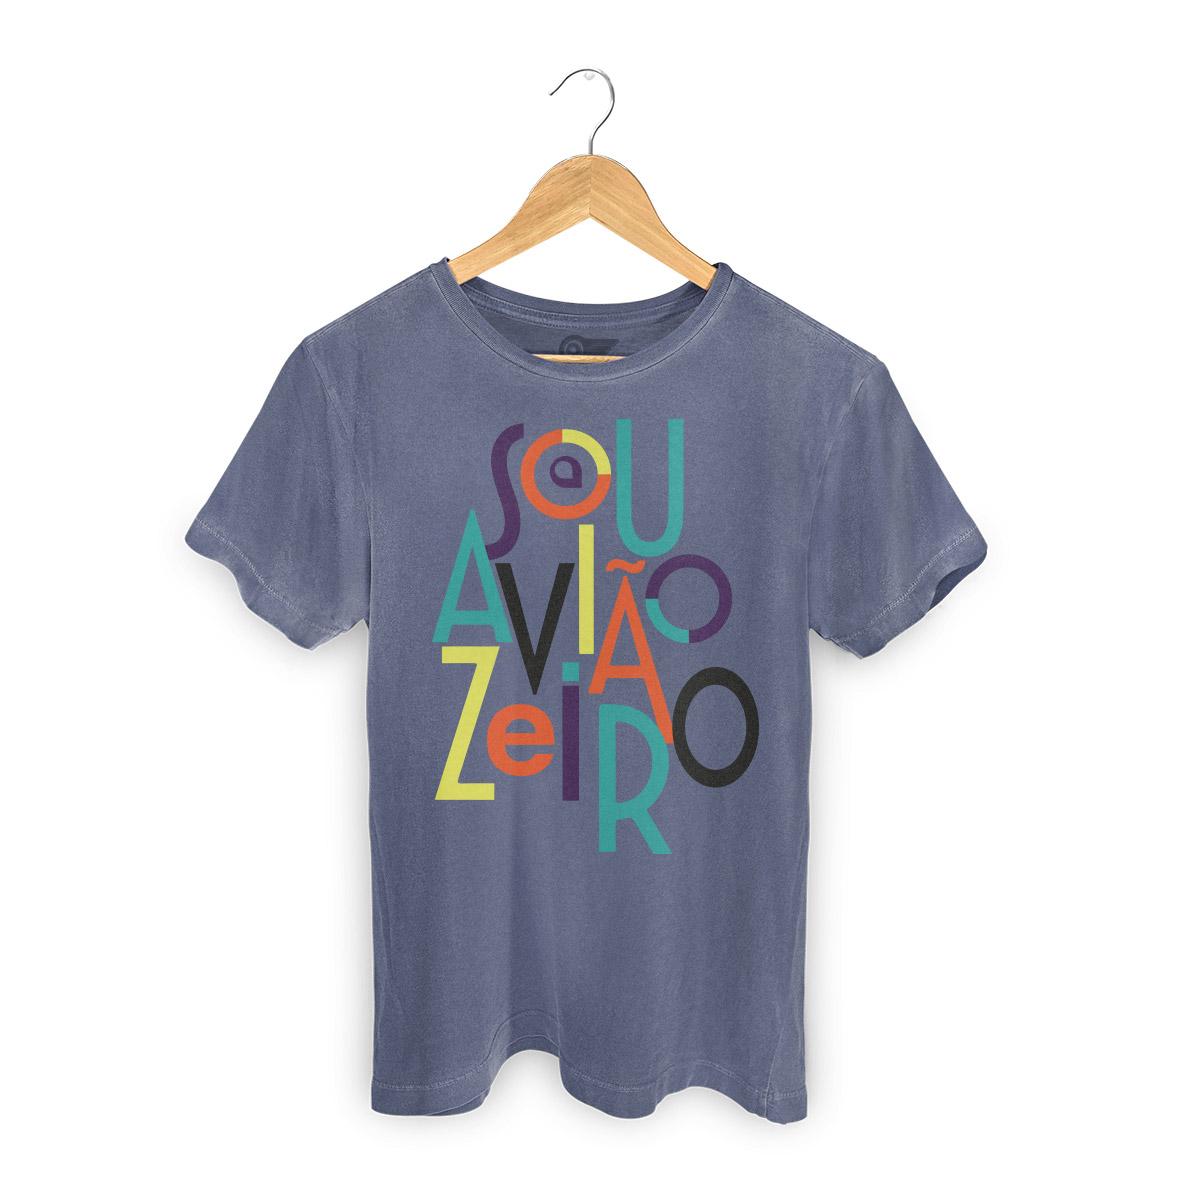 T-shirt Premium Masculina Aviões do Forró Sou Aviãozeiro